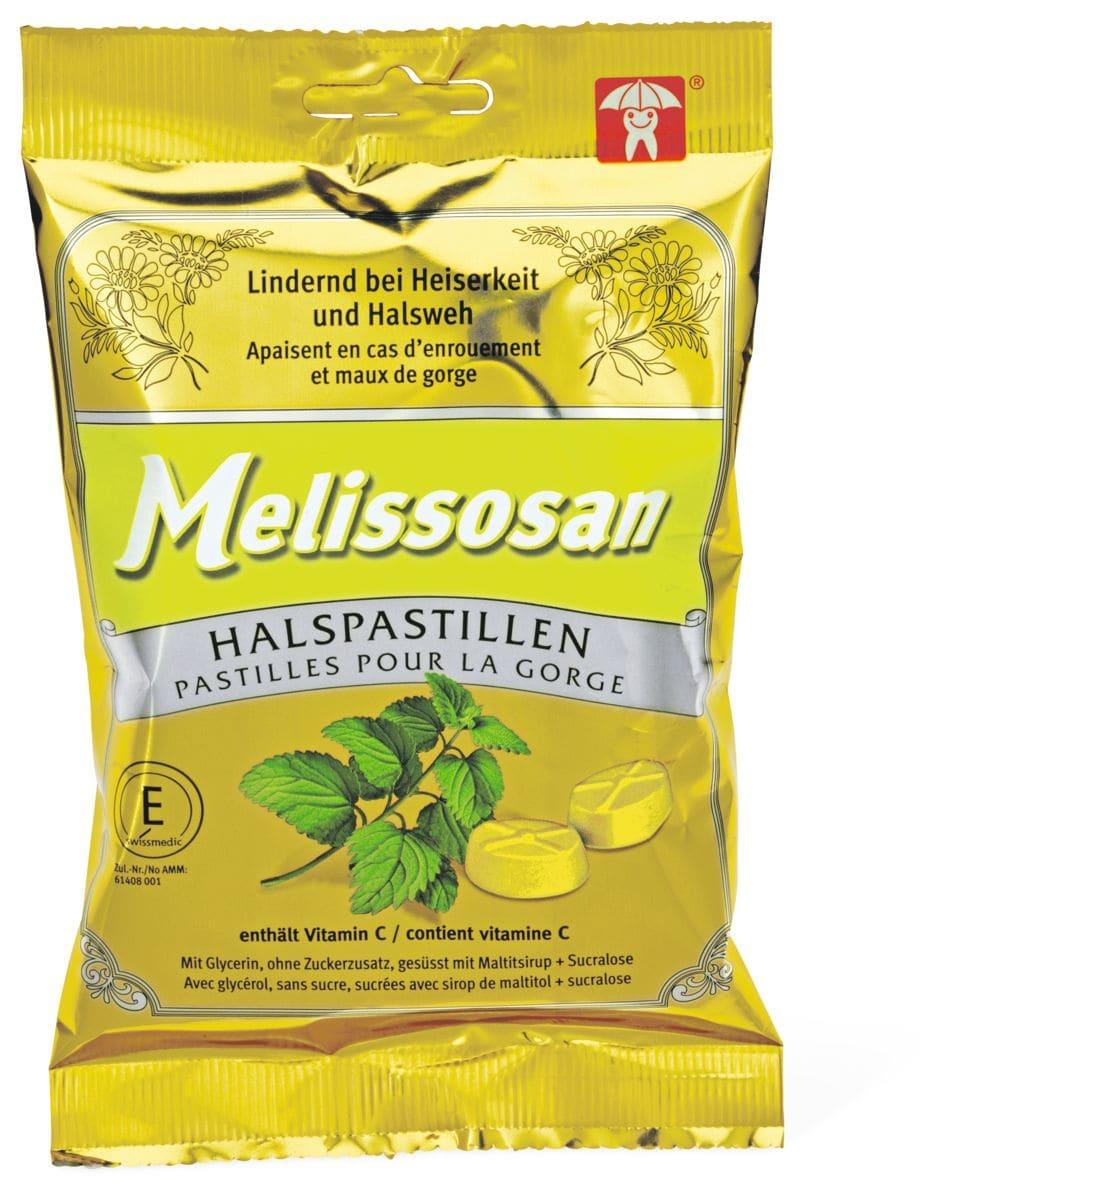 Melissosan pastilles pour la gorge